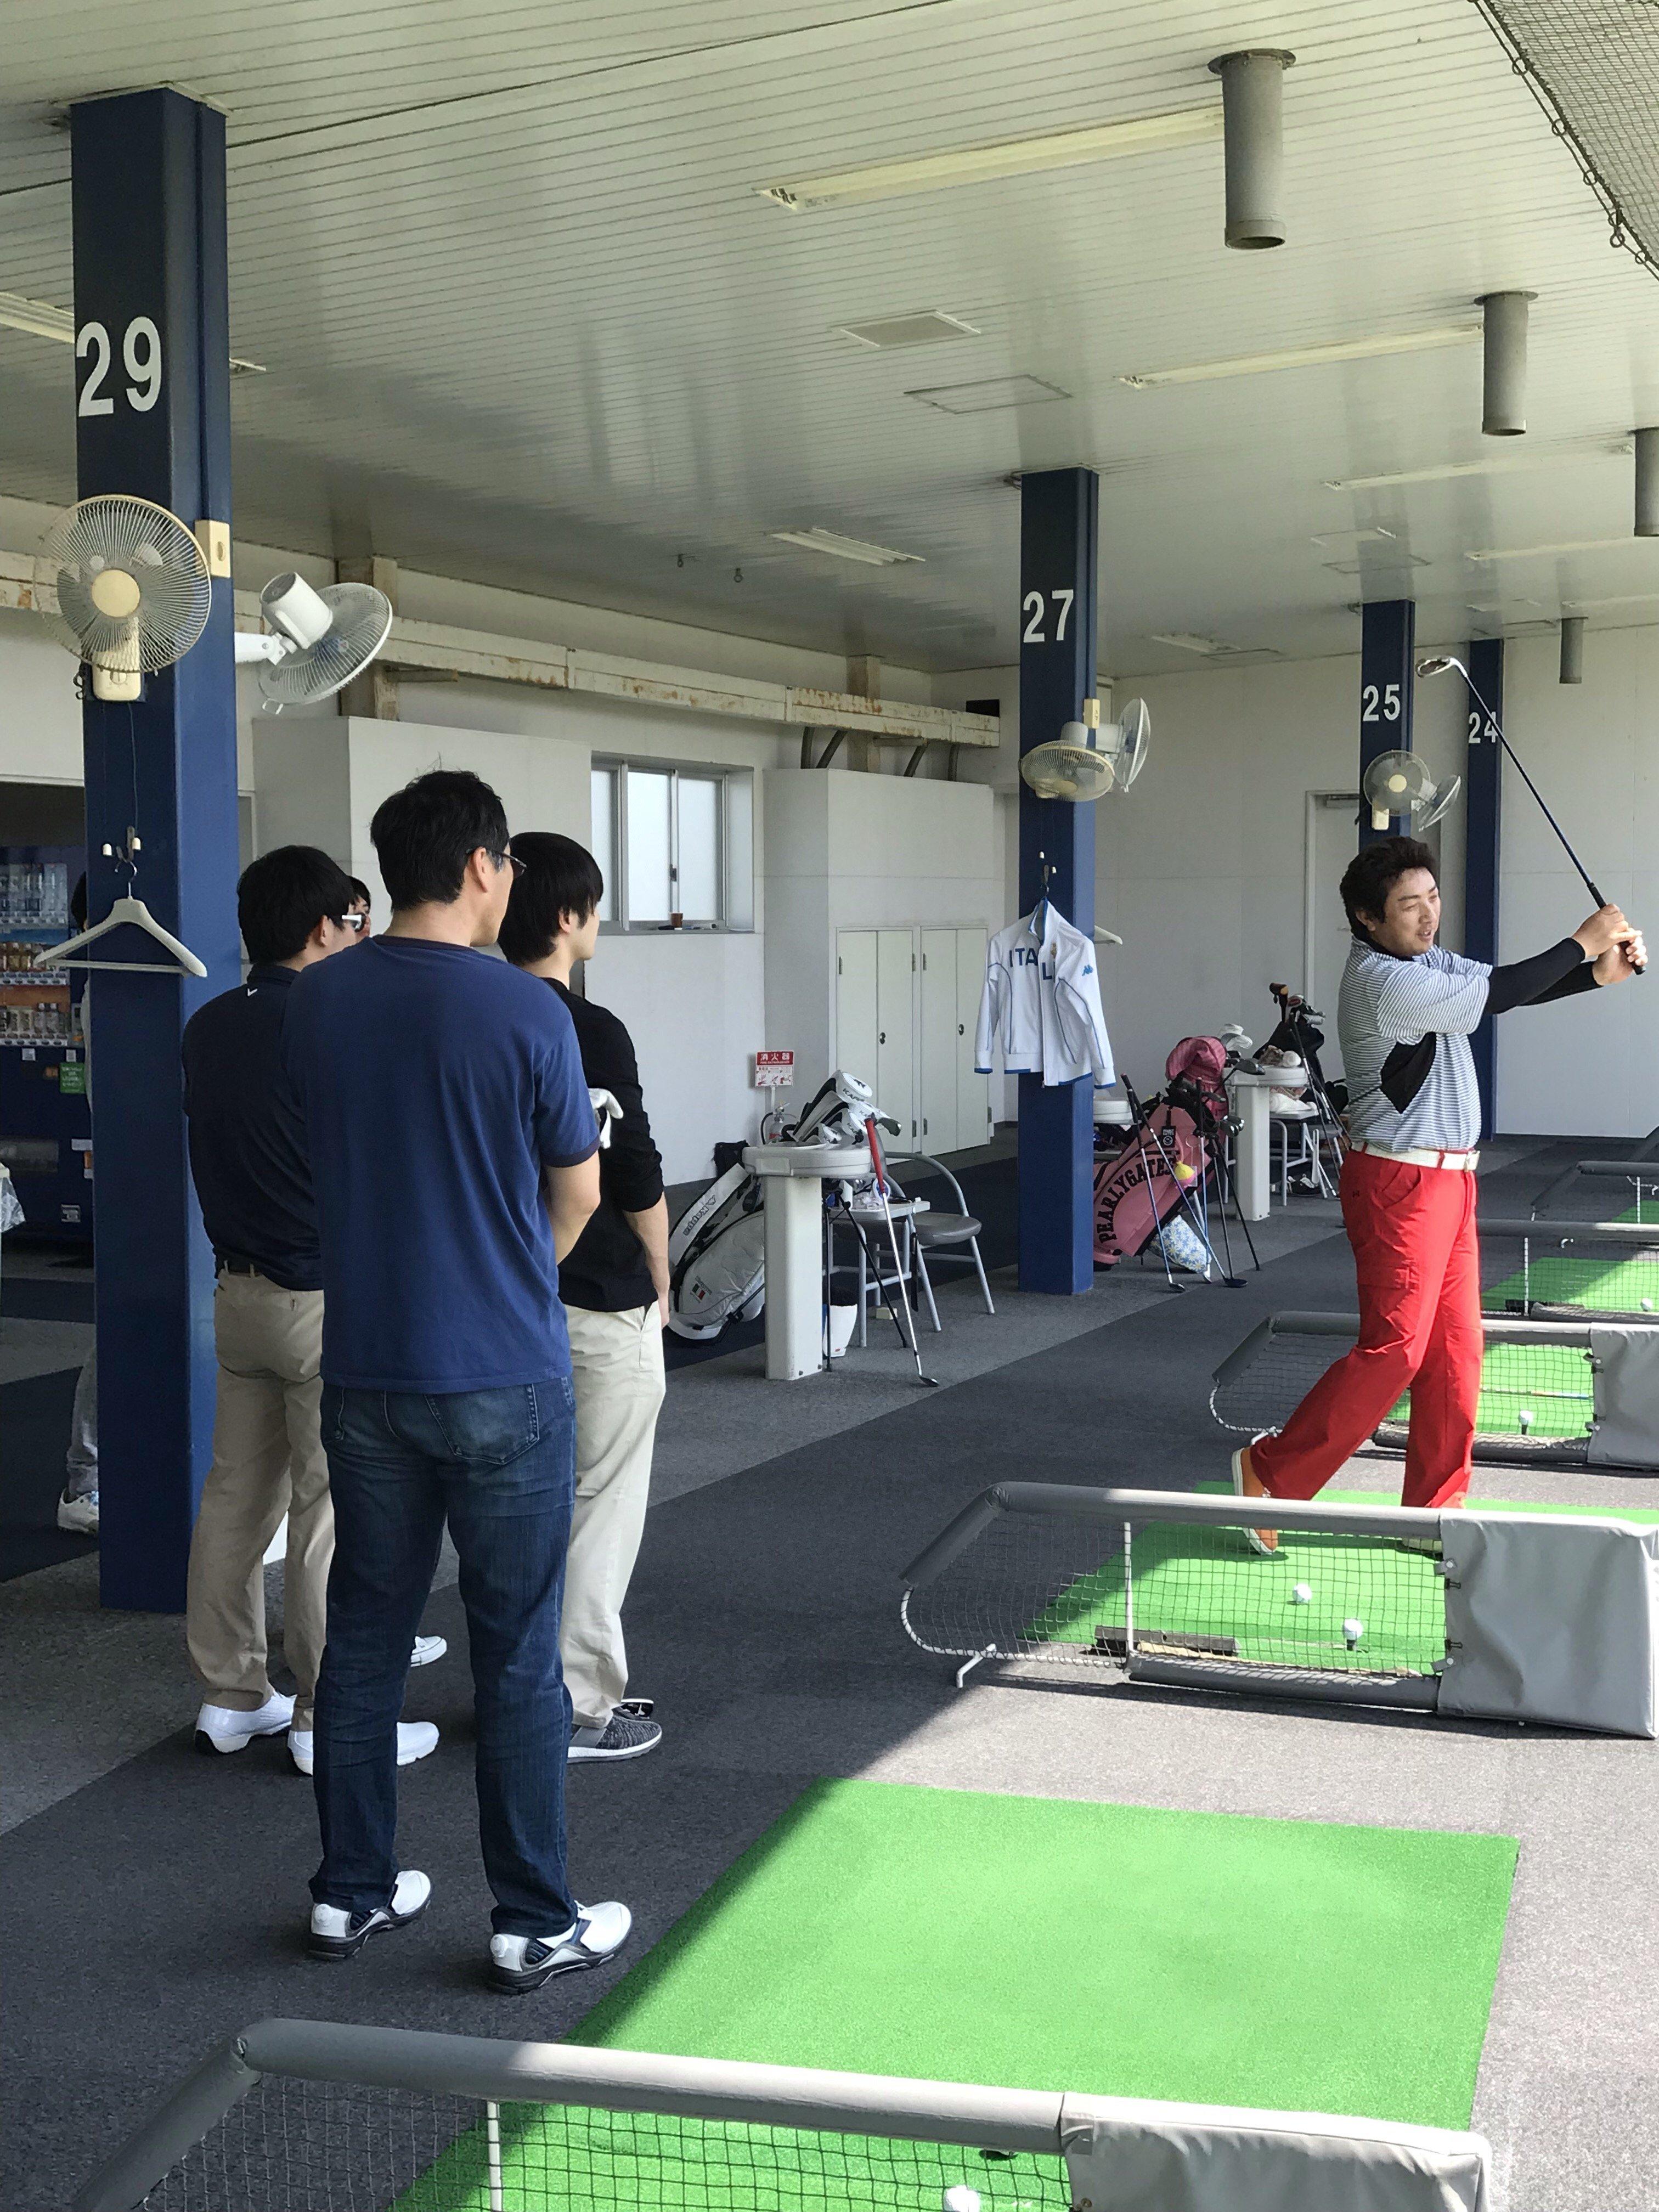 ティーチングスタッフゴルフスクールゴルフシティー校 1か月体験コース半額のイメージその3